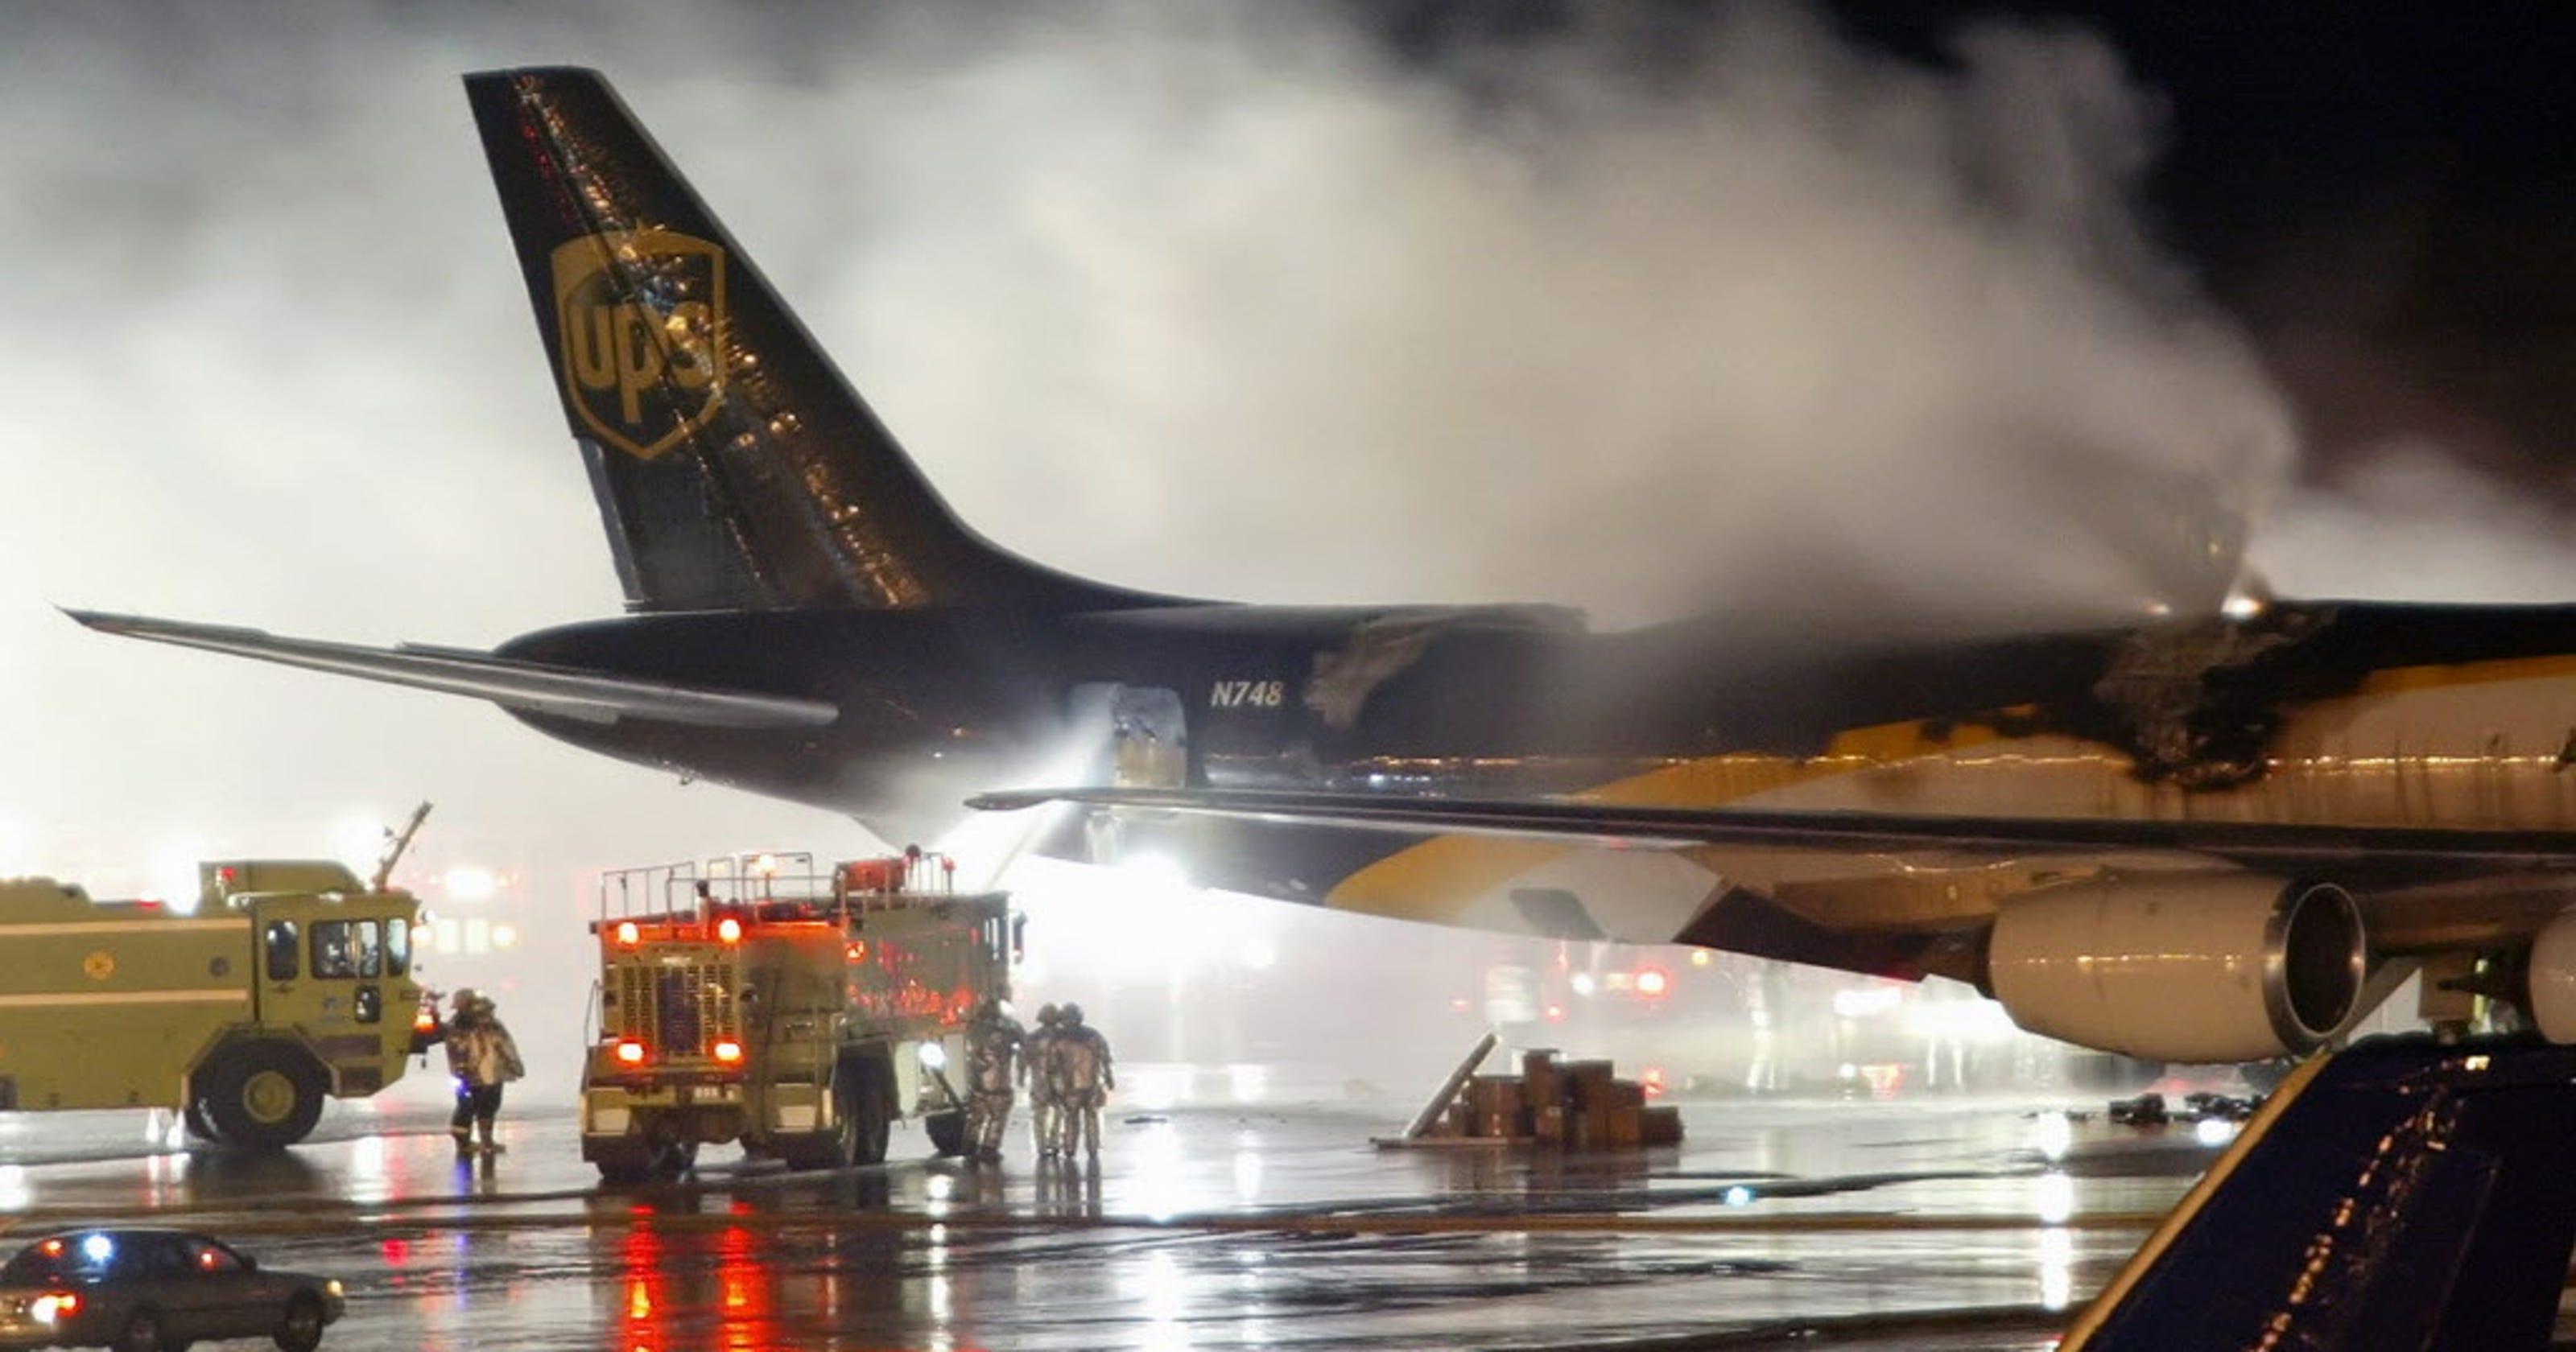 Midair firestorm: Lithium-ion batteries in airplane cargo